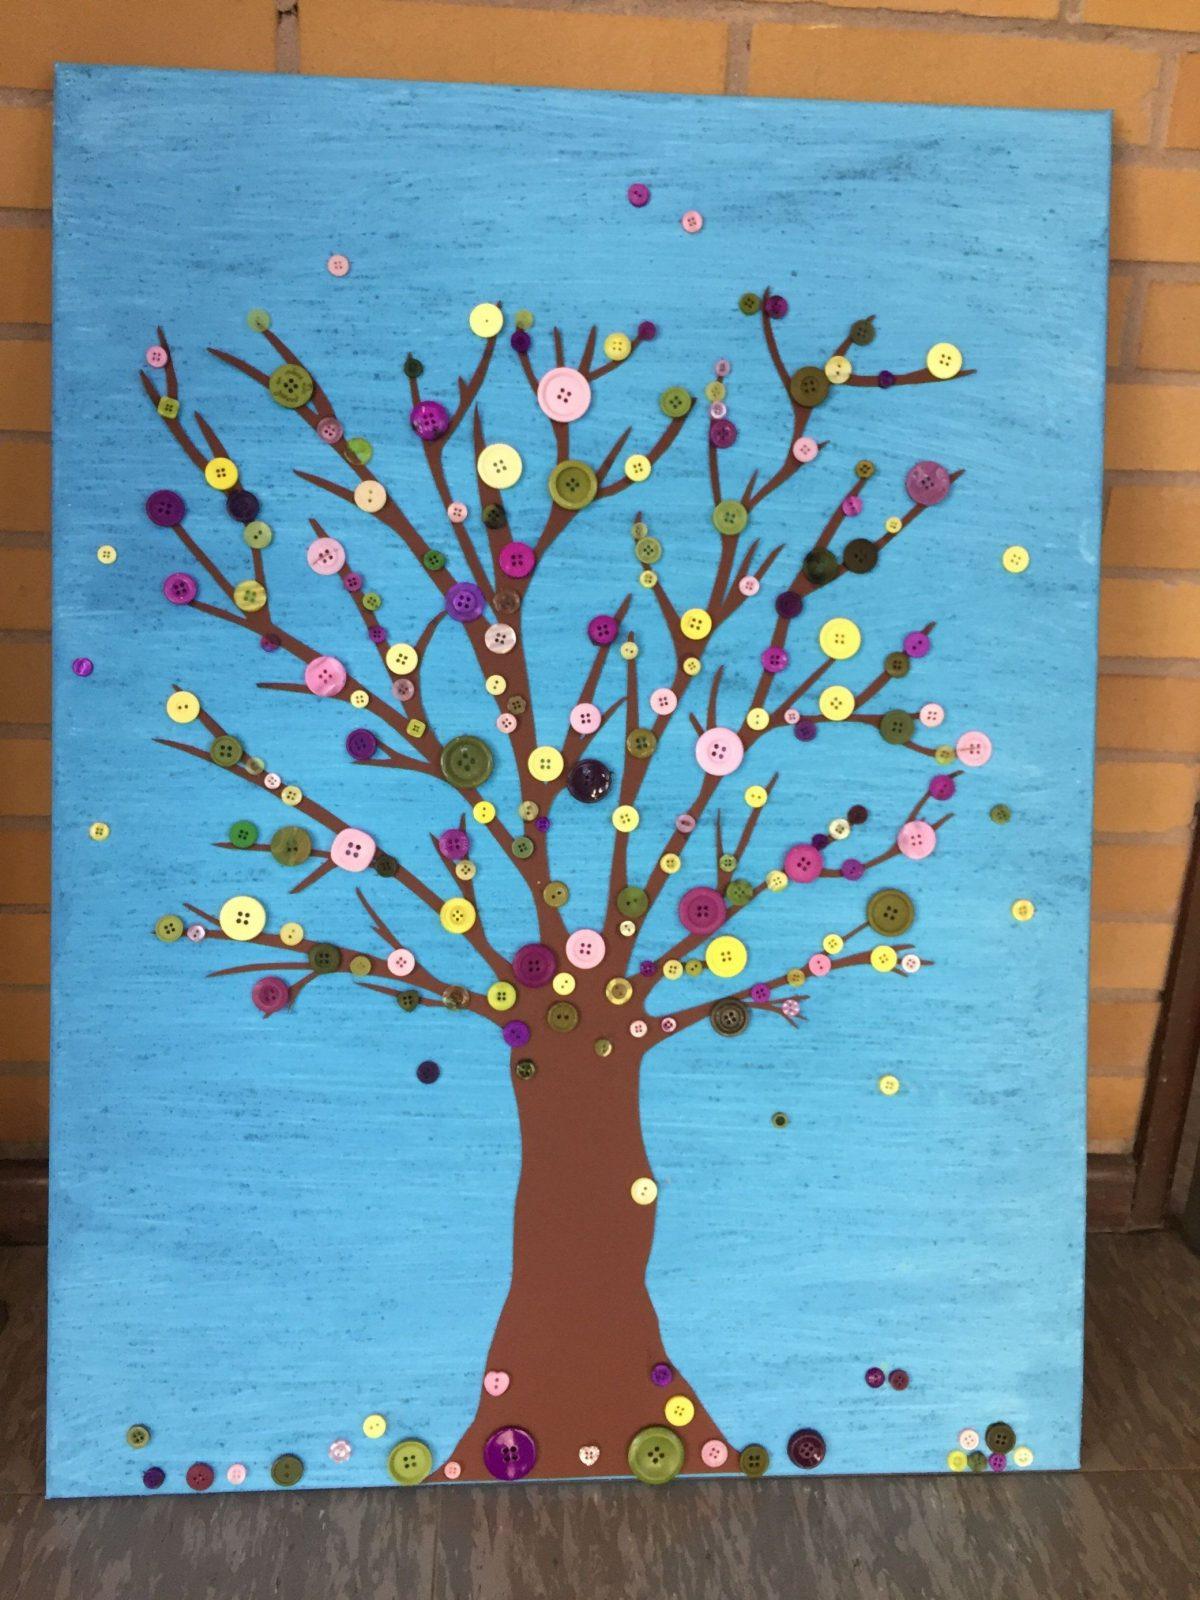 Leinwand Gestalten Mit Kindern Knopf Baum  Selfmade  Pinterest von Leinwand Gestalten Mit Kindern Bild